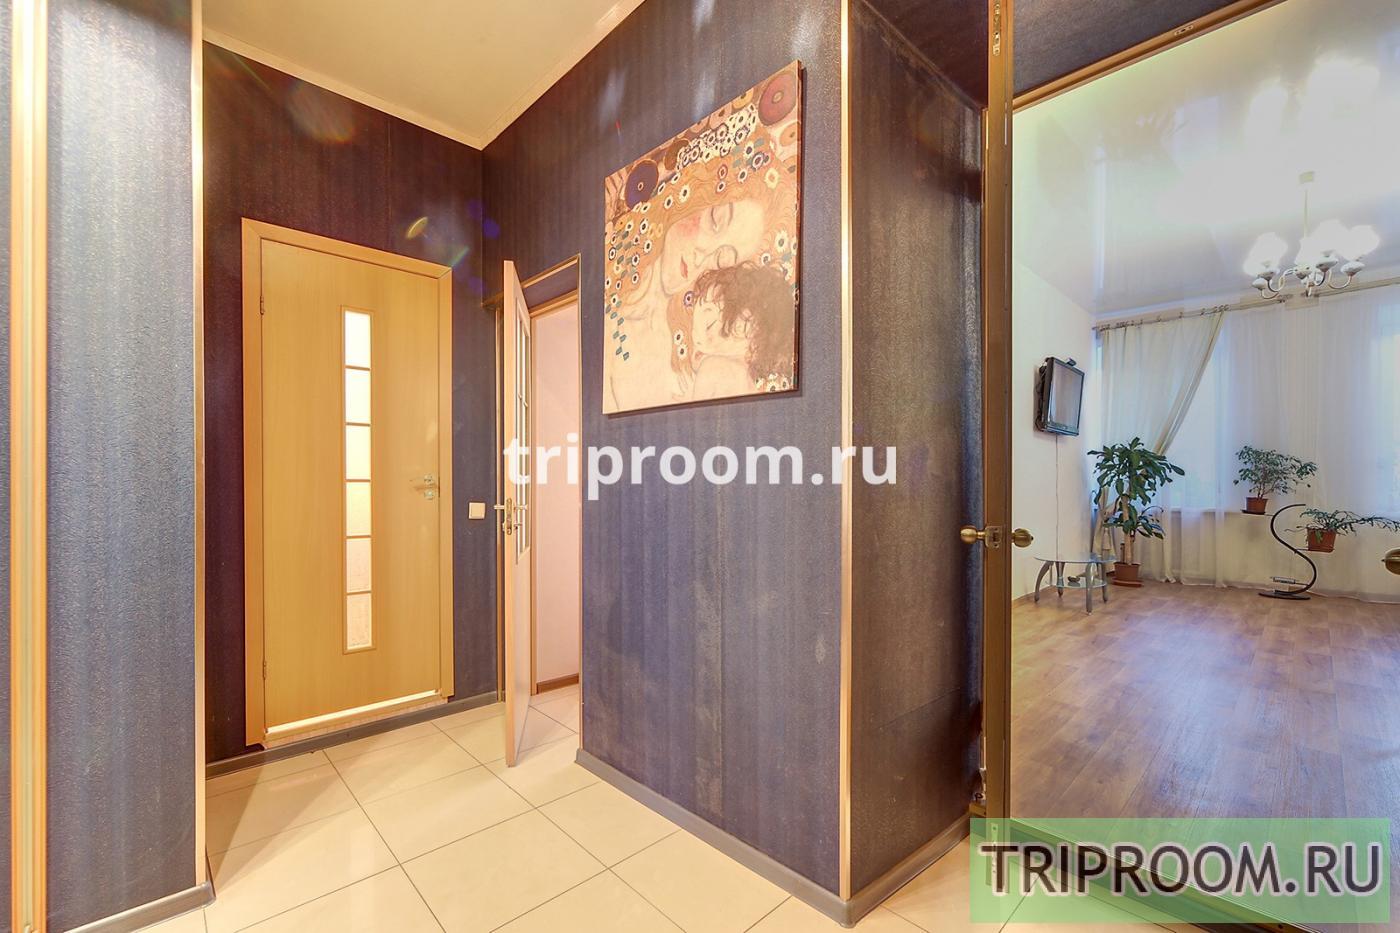 2-комнатная квартира посуточно (вариант № 15459), ул. Адмиралтейская набережная, фото № 9